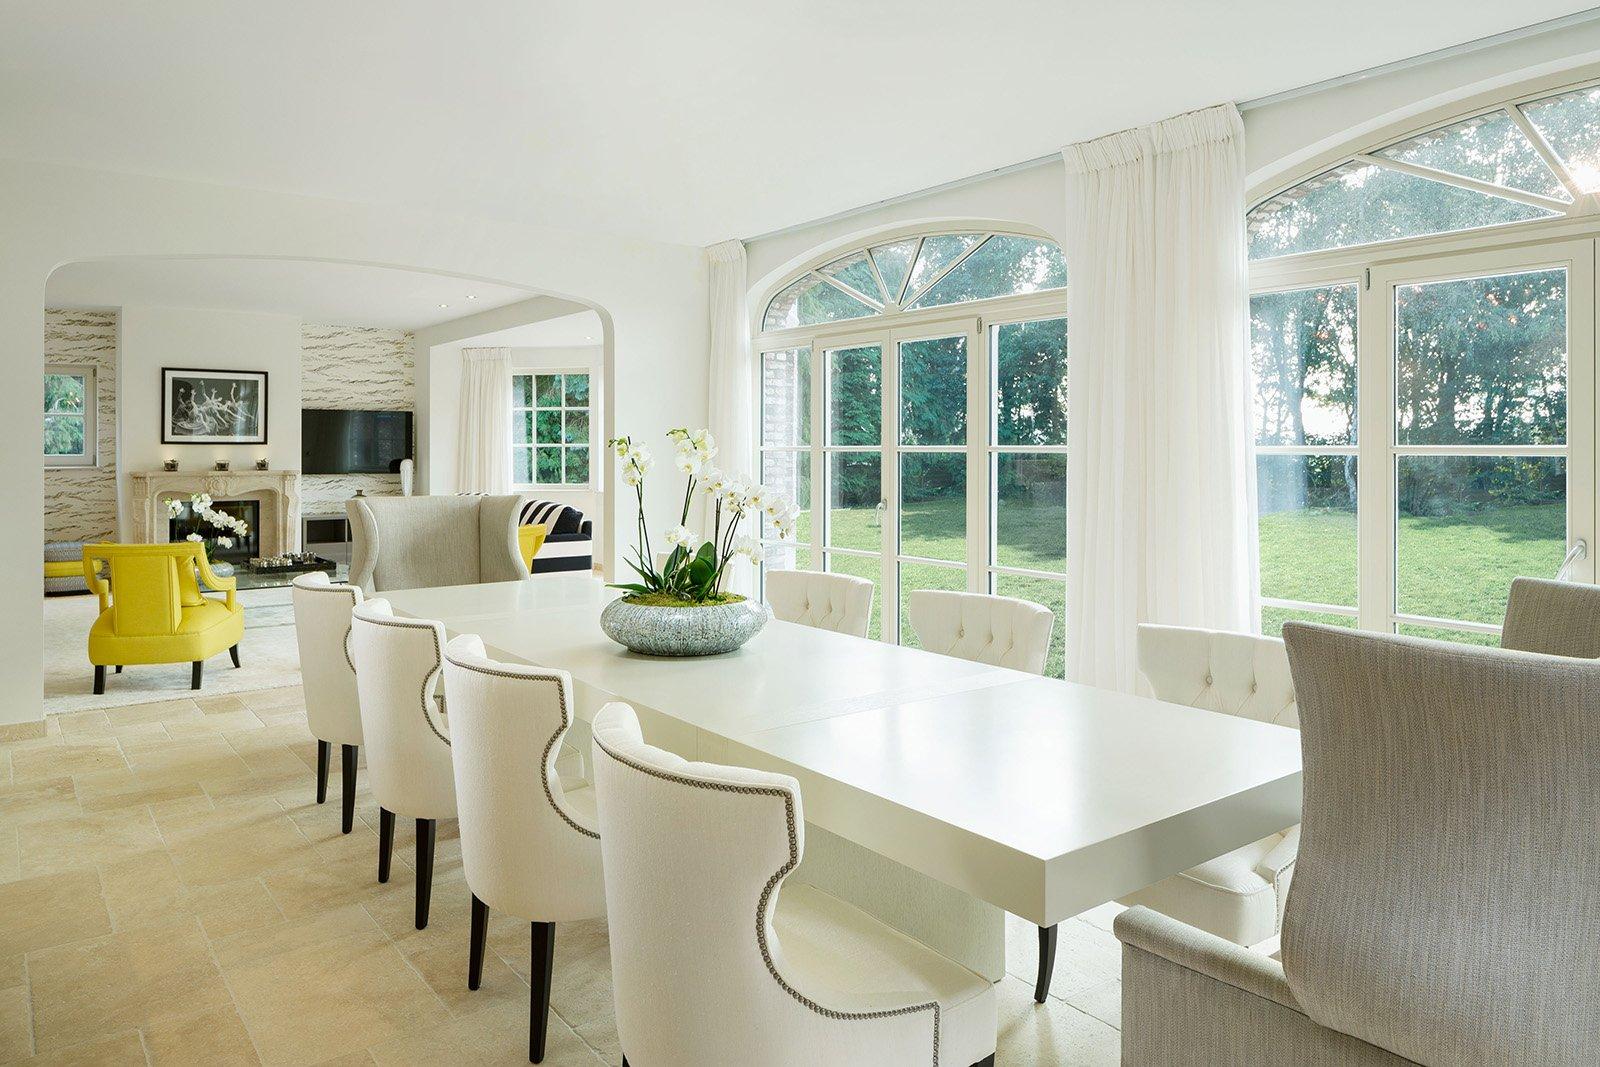 belgium-interior-design-diningroom-01